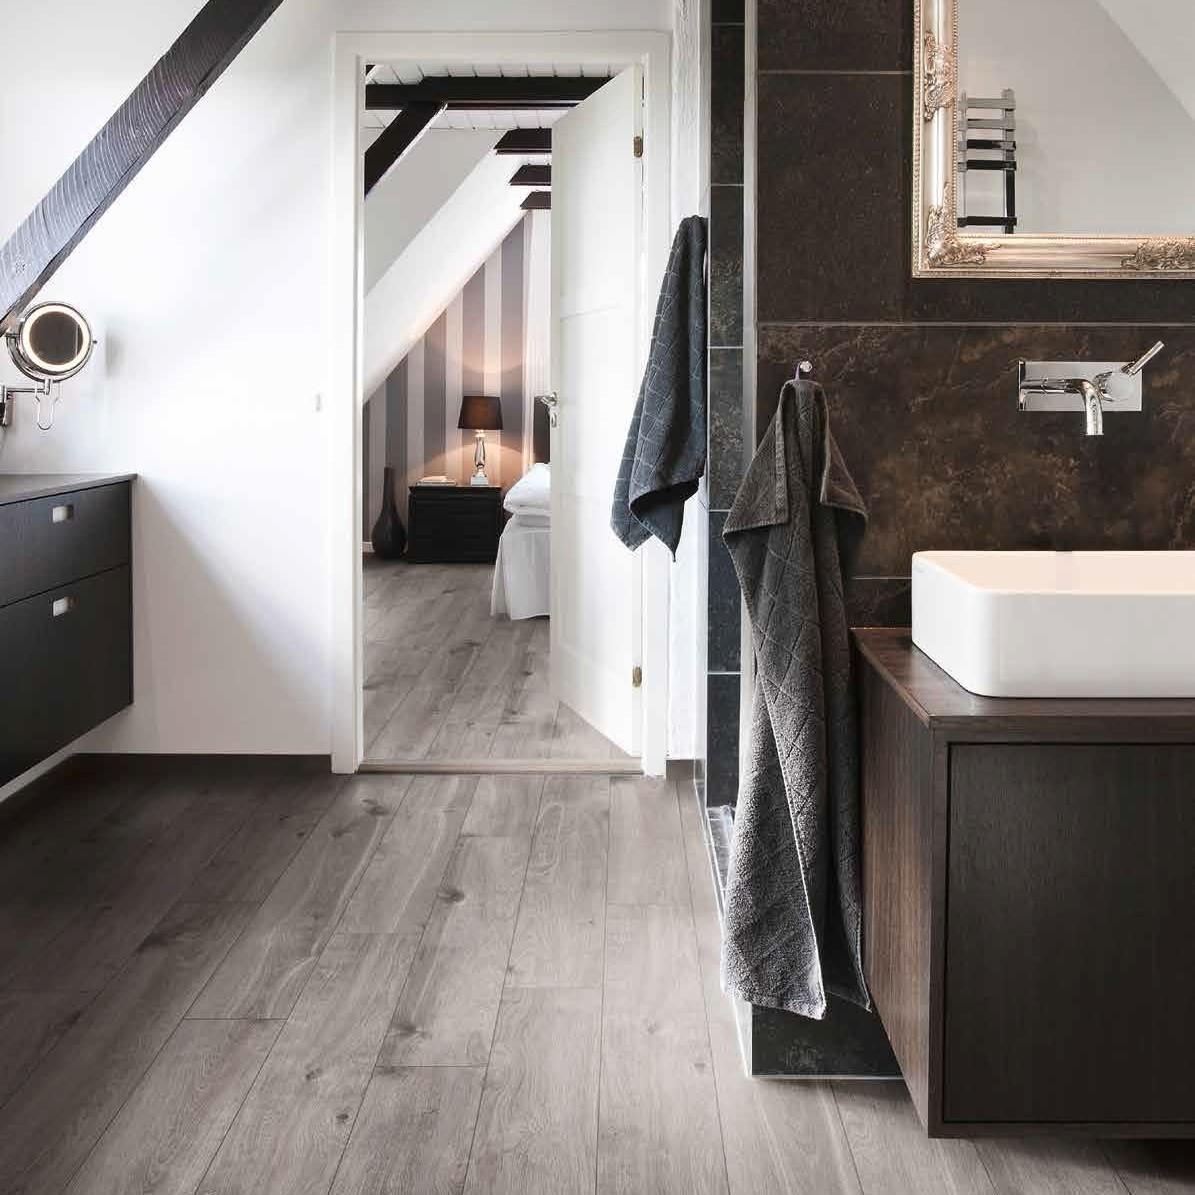 habitación de hotel con baño suelo continuo